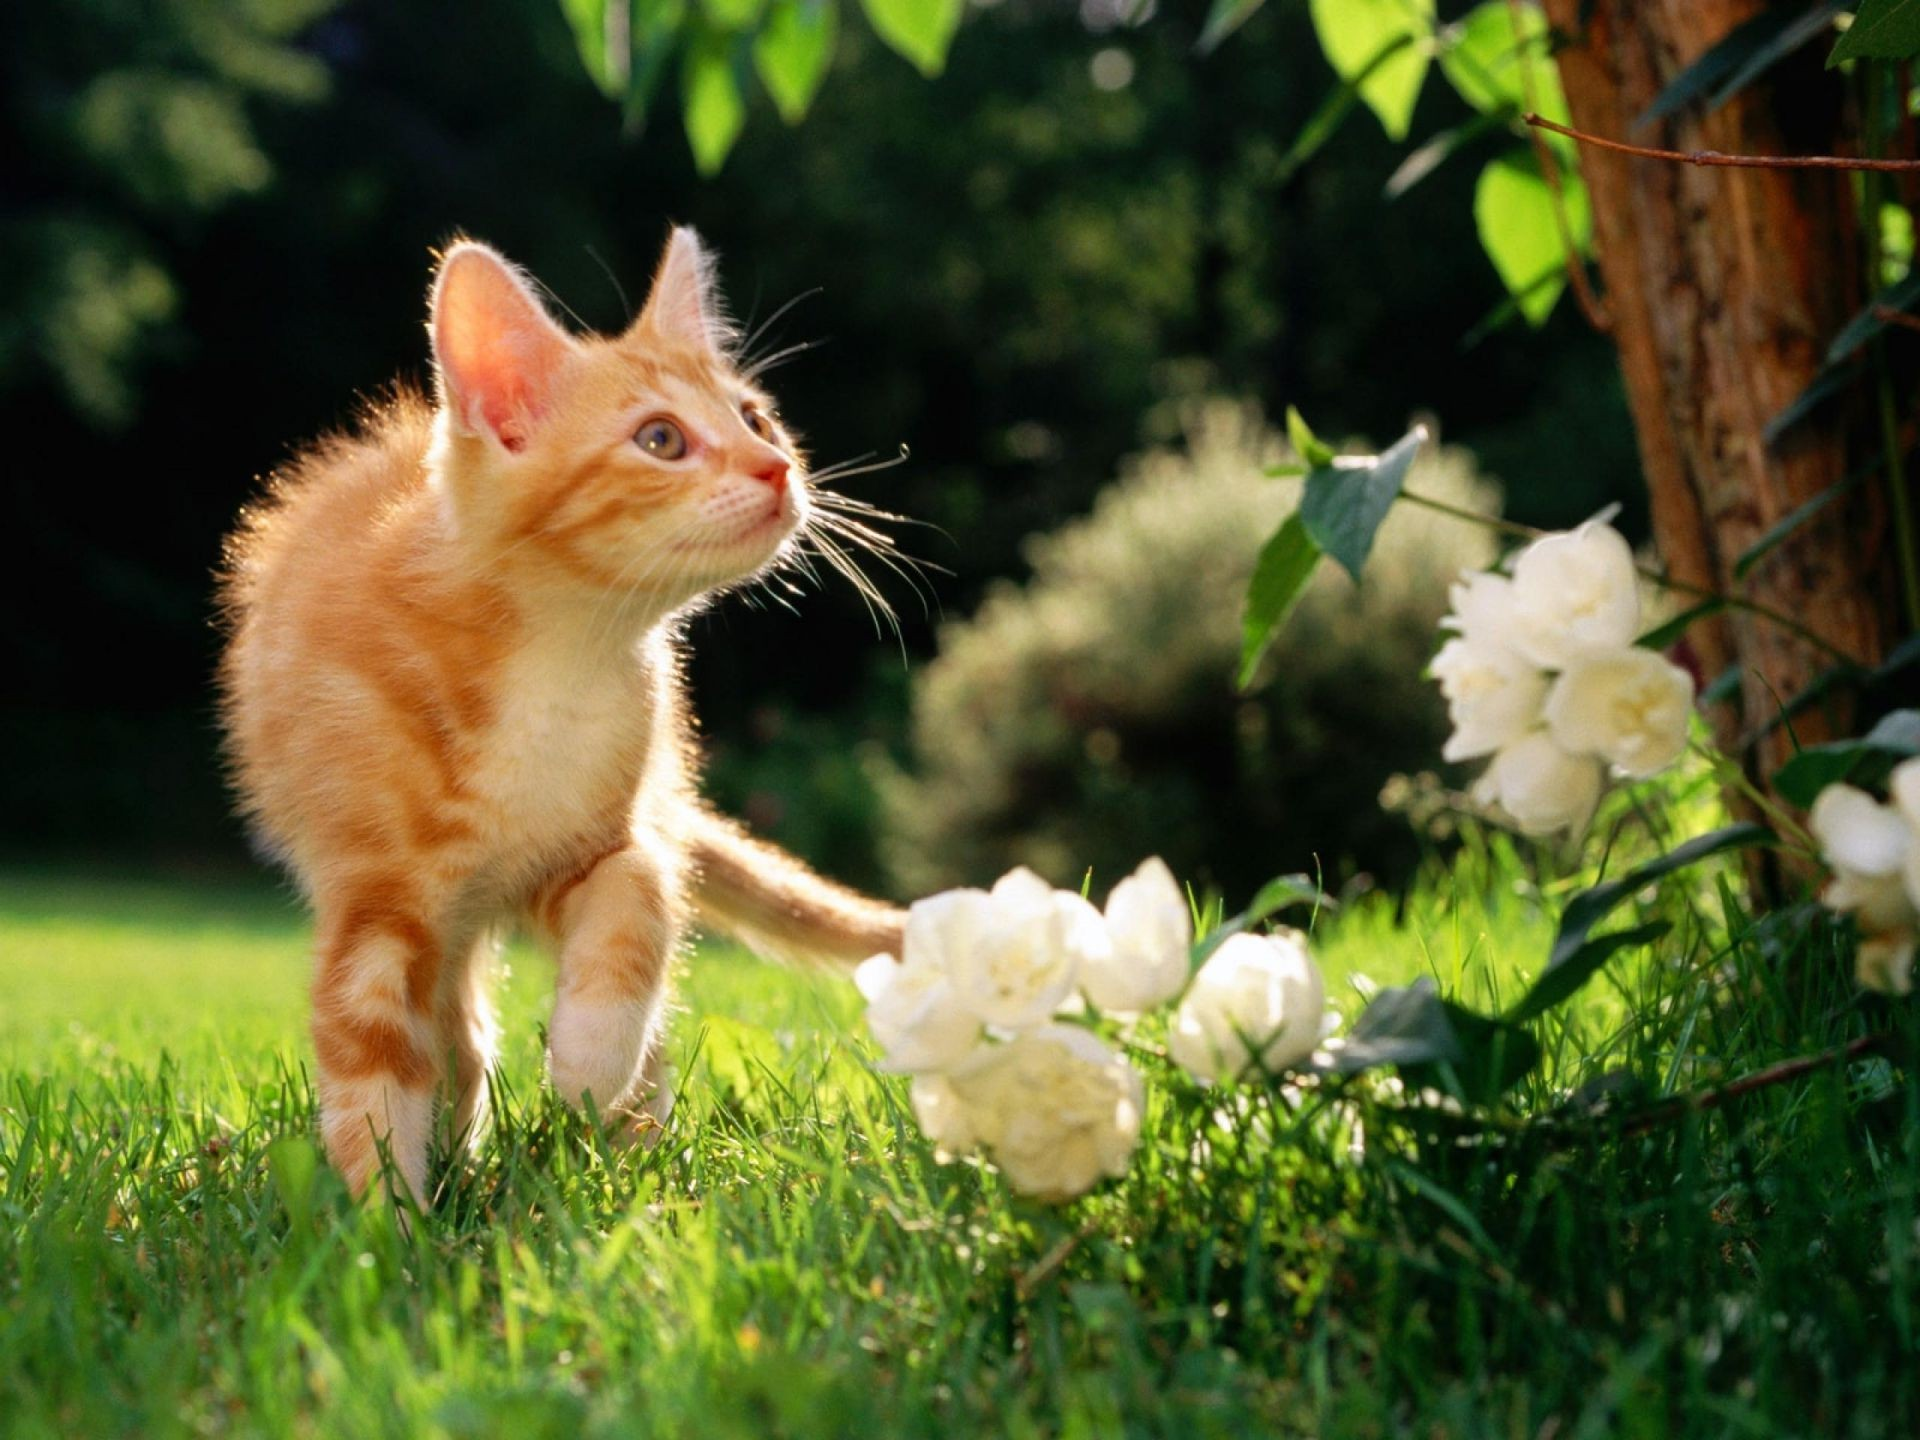 природа животные рыжий кот  № 940996 бесплатно